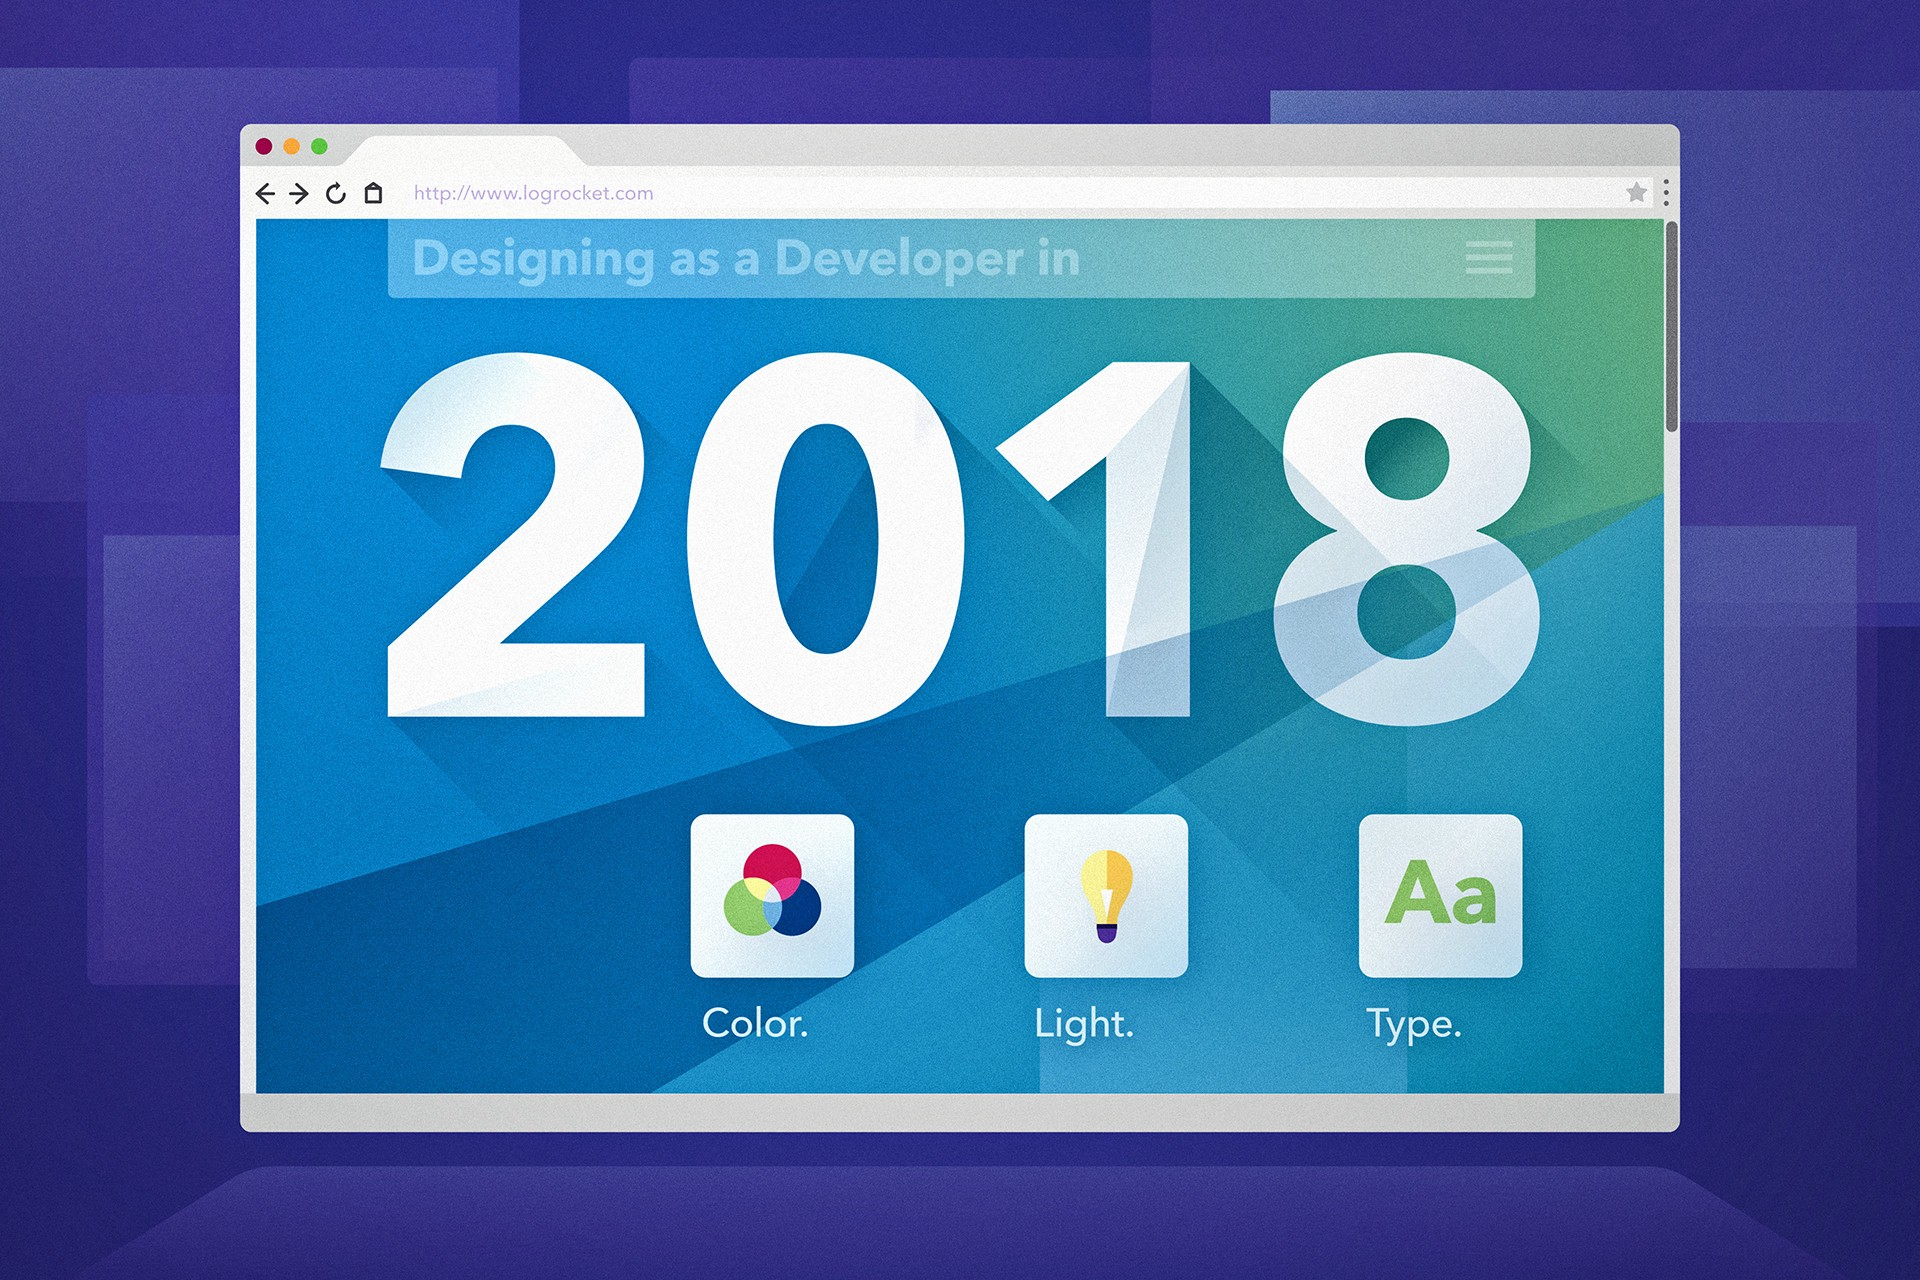 Designing as a developer in 2018 - LogRocket Blog